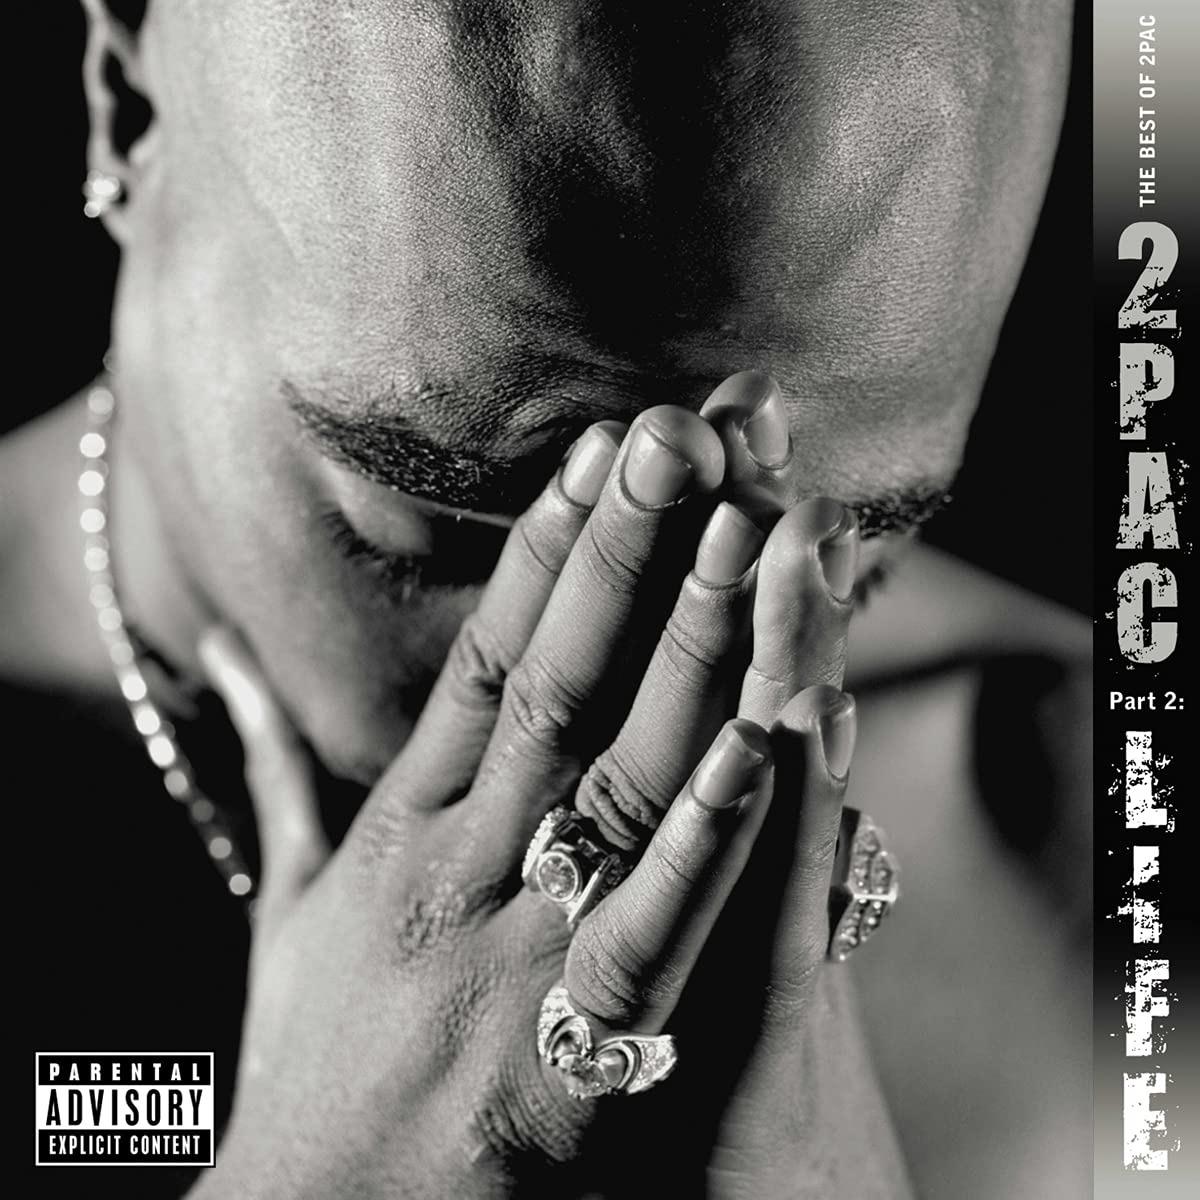 Best Of 2pac Pt 2: Life - 2pac - Musik - INTERSCOPE - 0602435217406 - 16 juli 2021